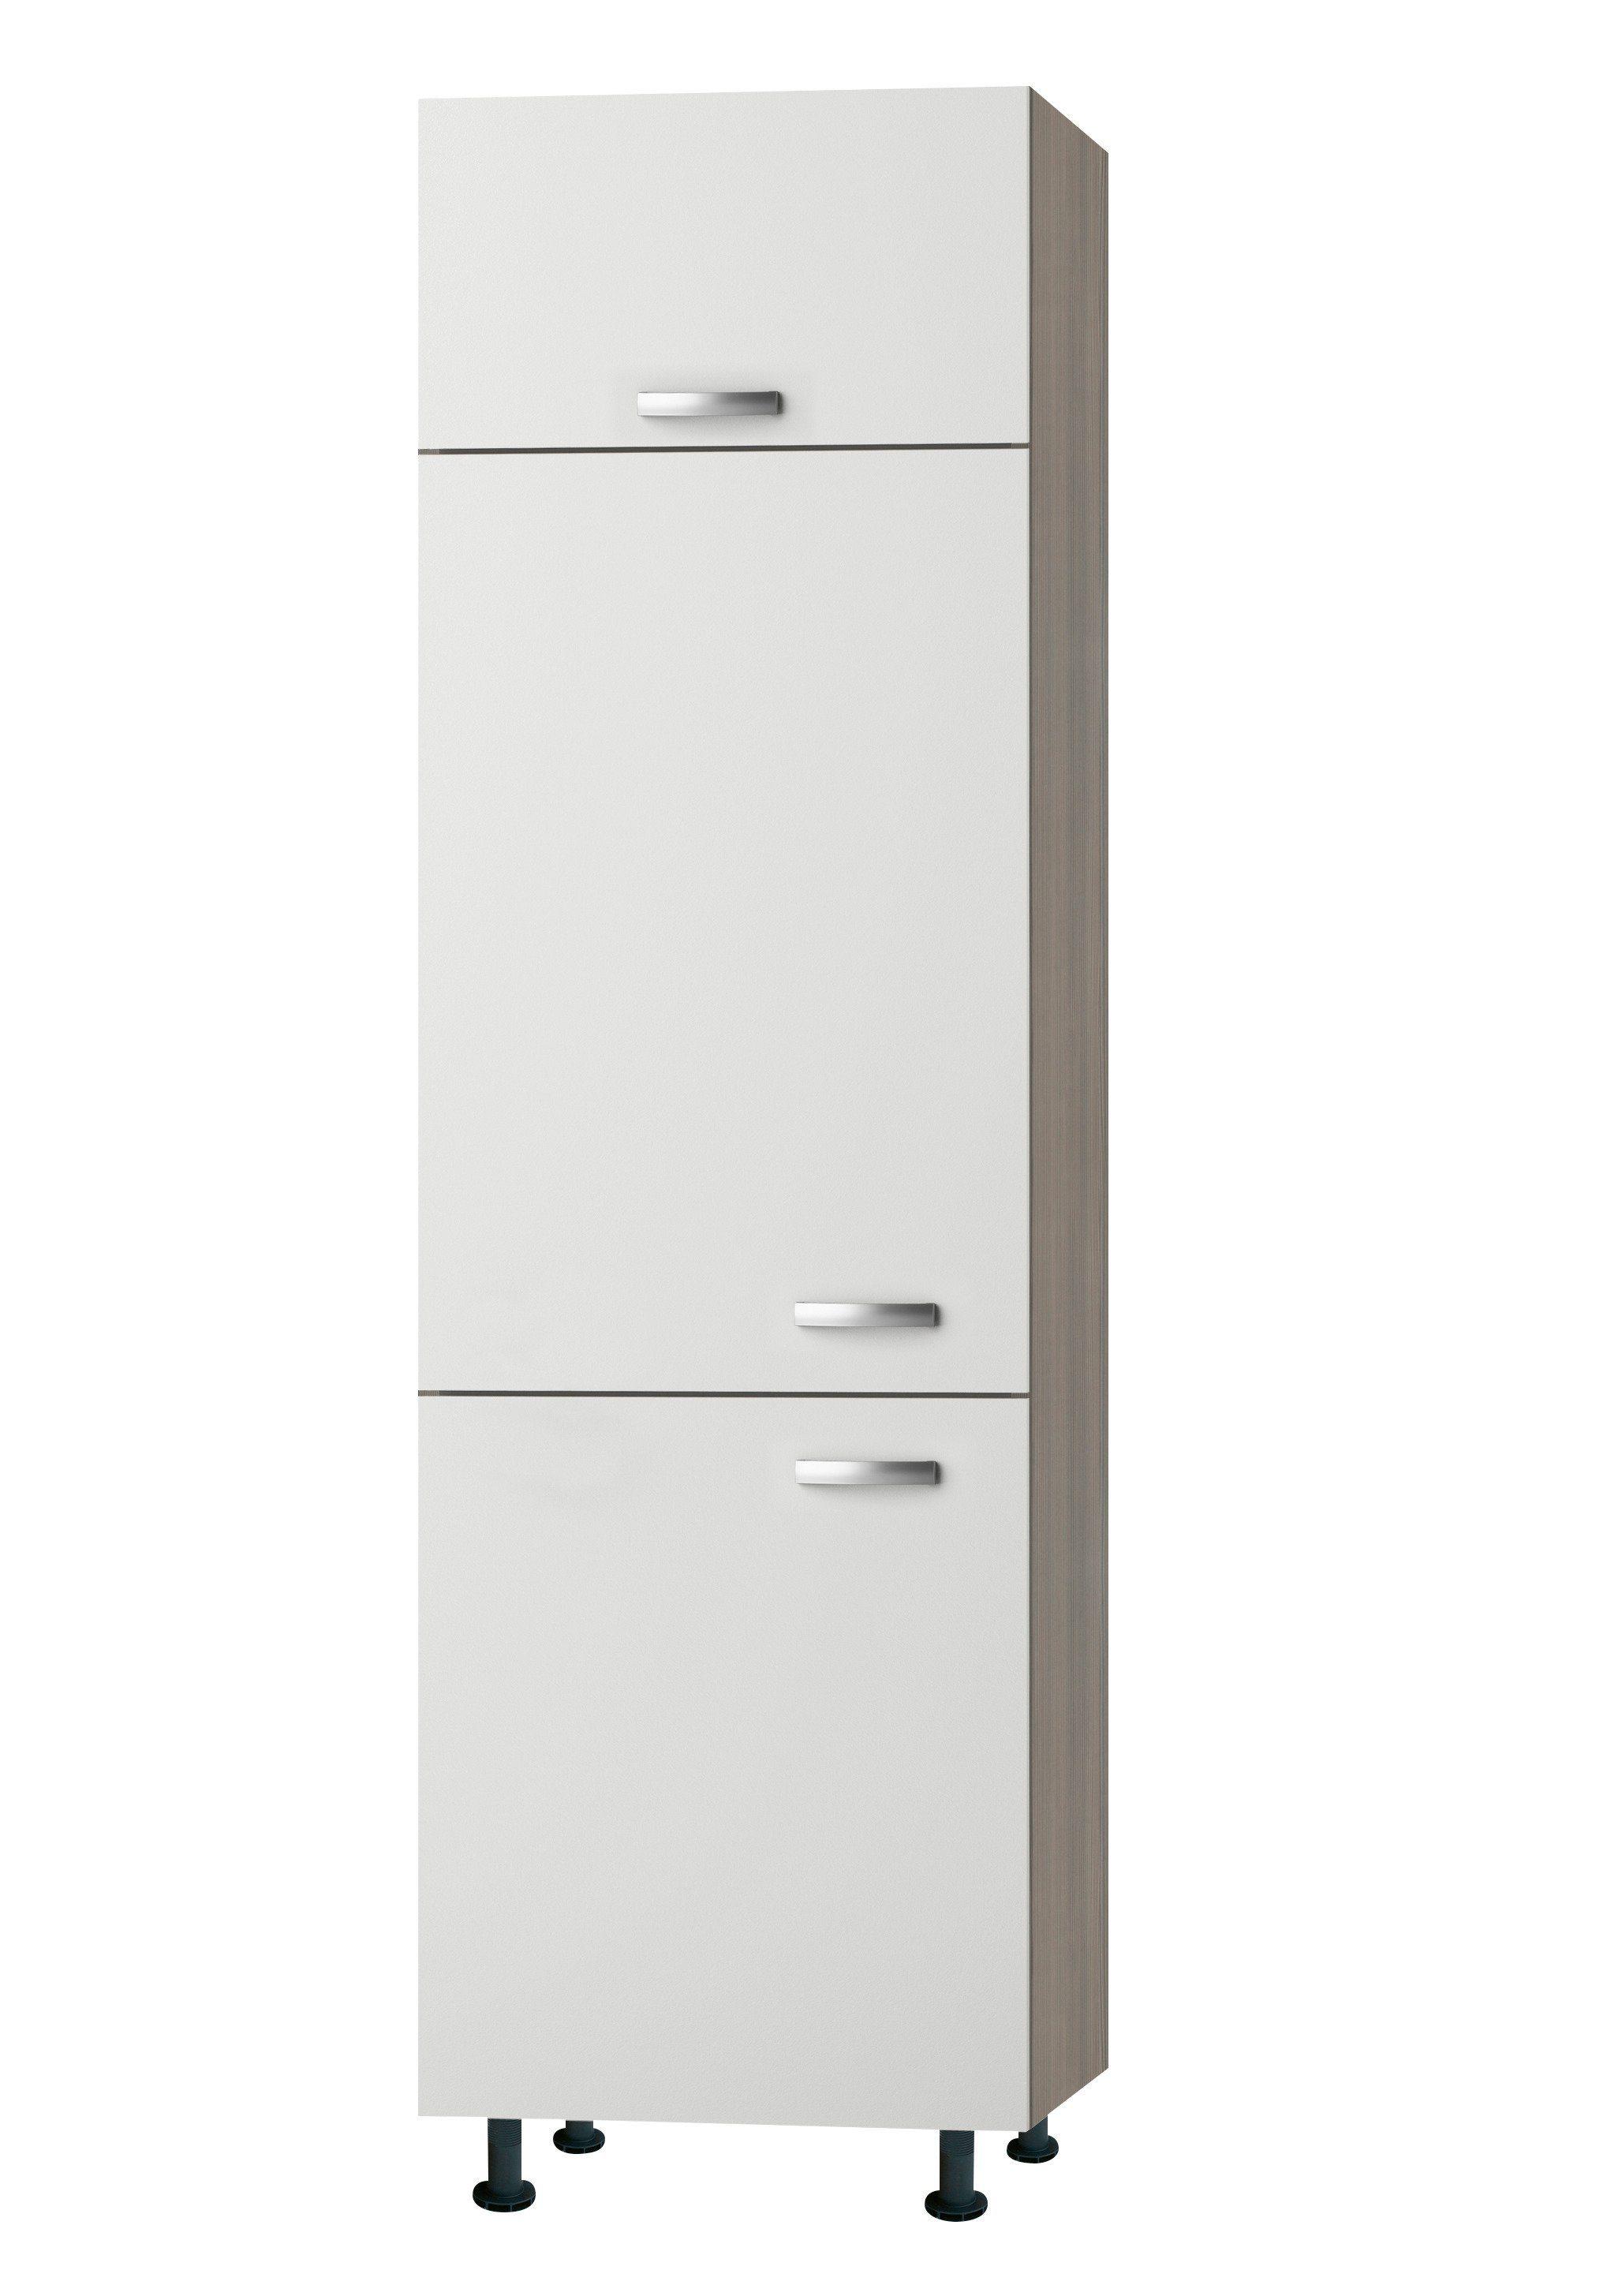 Kühlumbauschrank »Torger, Höhe 211,8 cm«